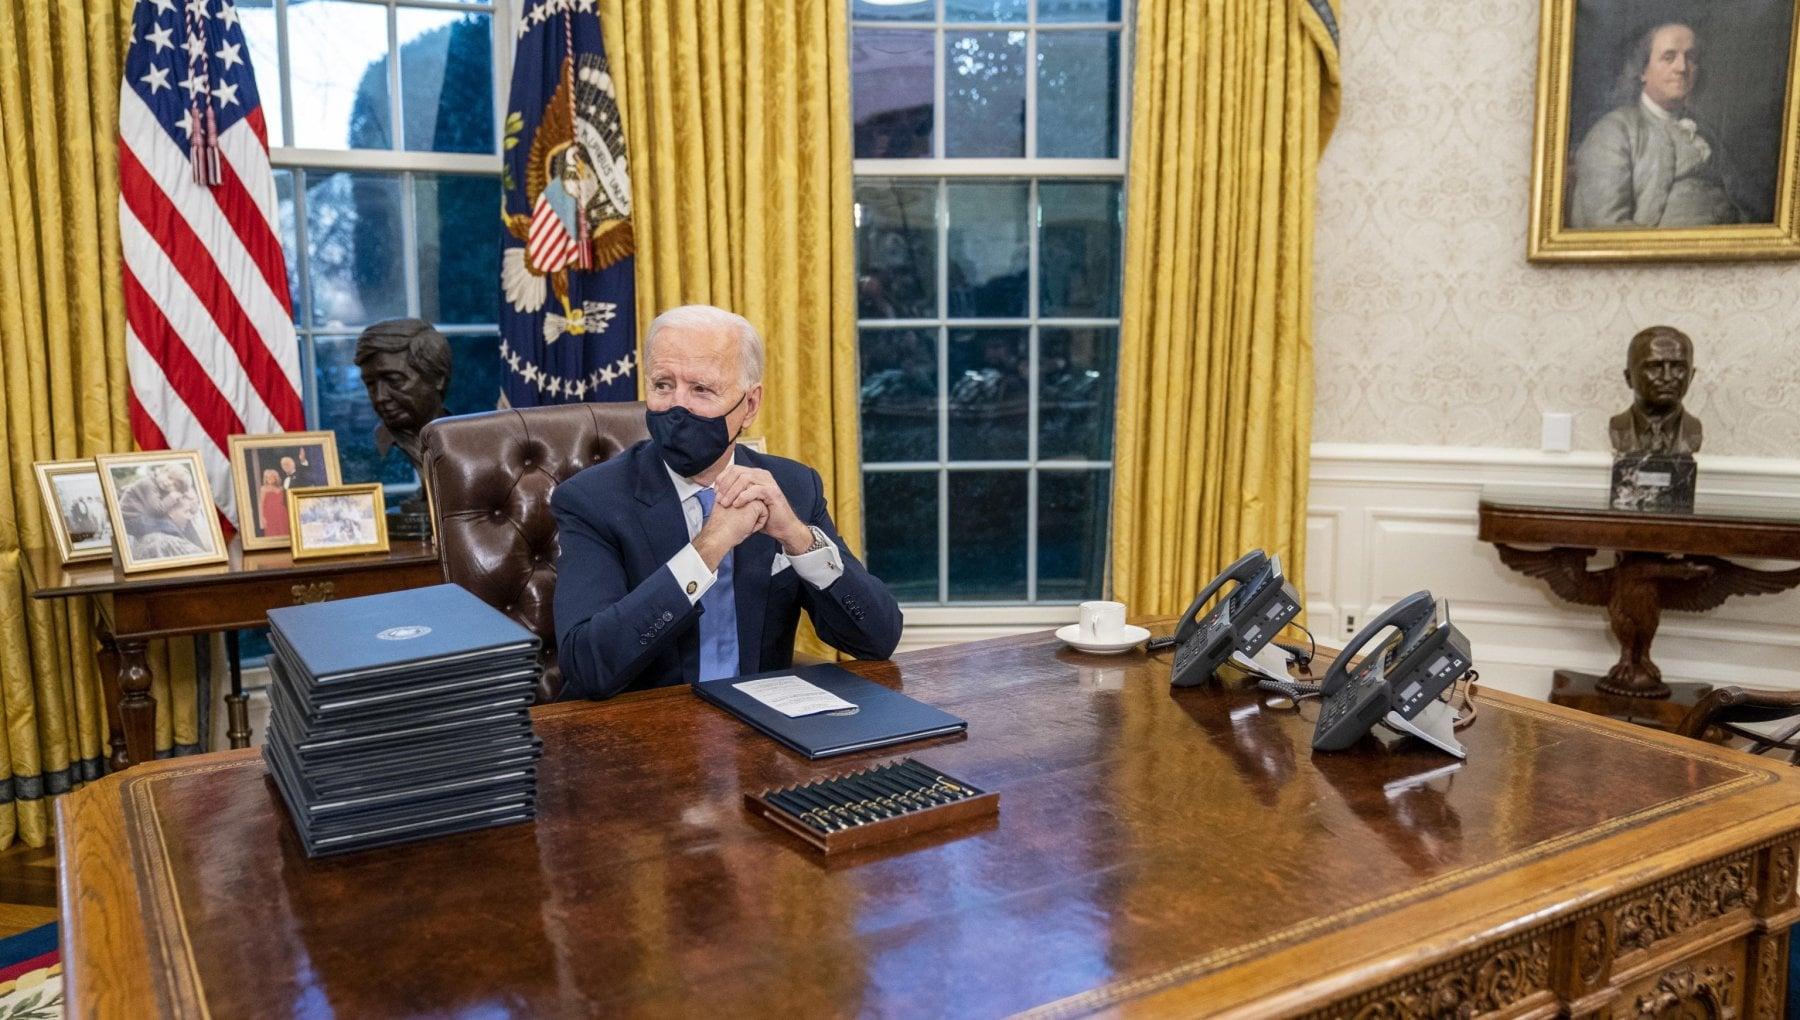 Larredamento e politica Joe Biden cambia mobili e quadri nello Studio Ovale